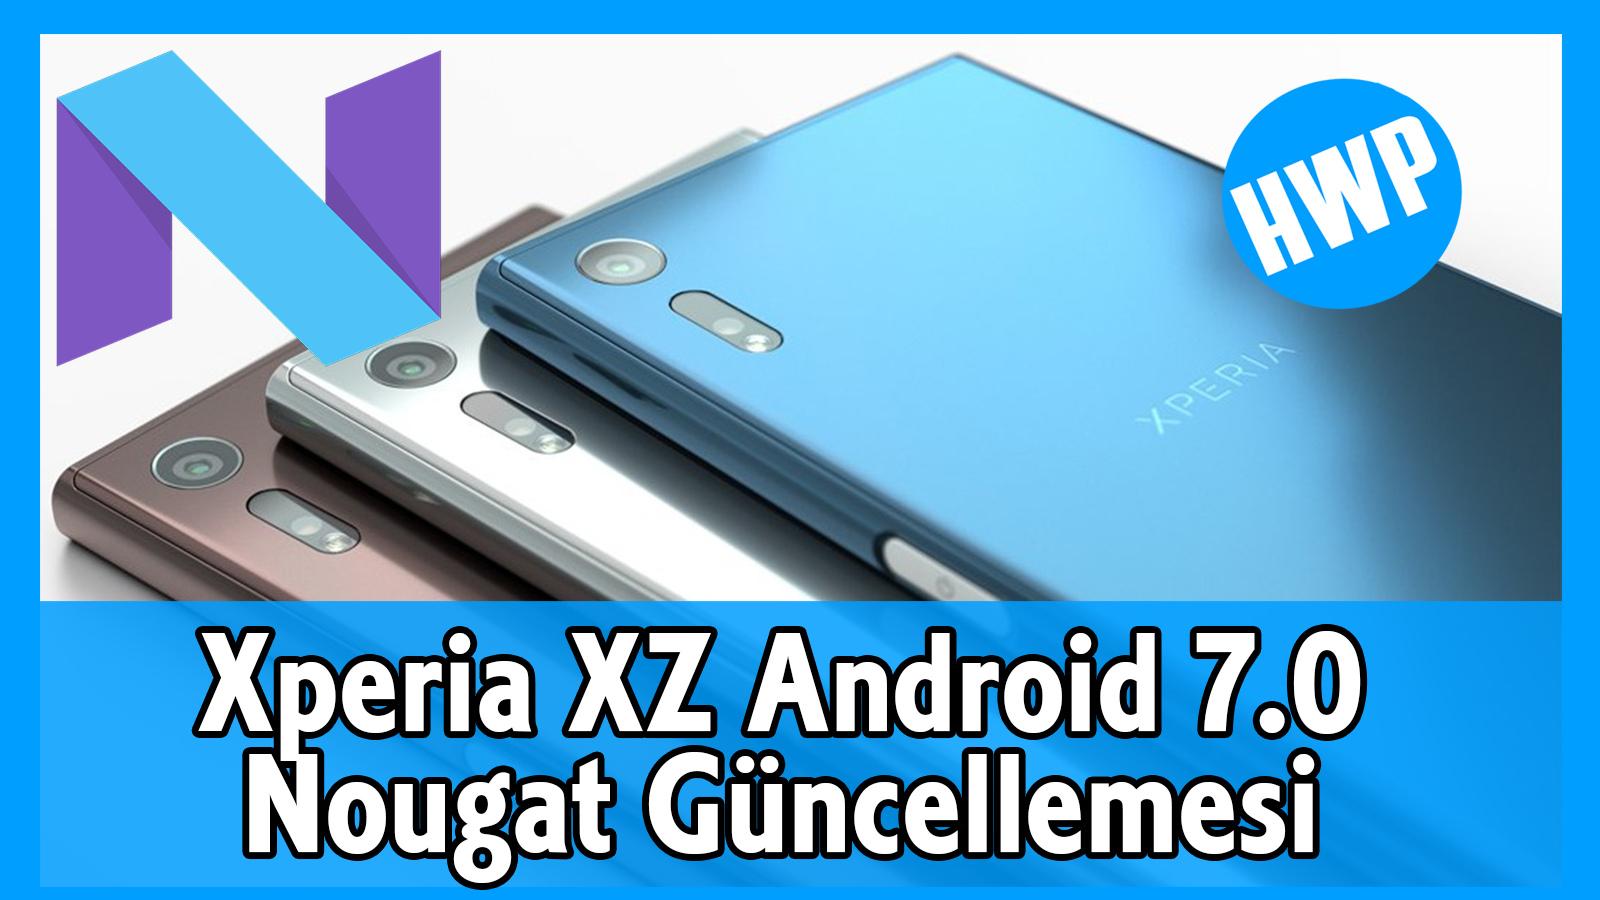 sony xperia xz android 7.0 nougat güncellemesi